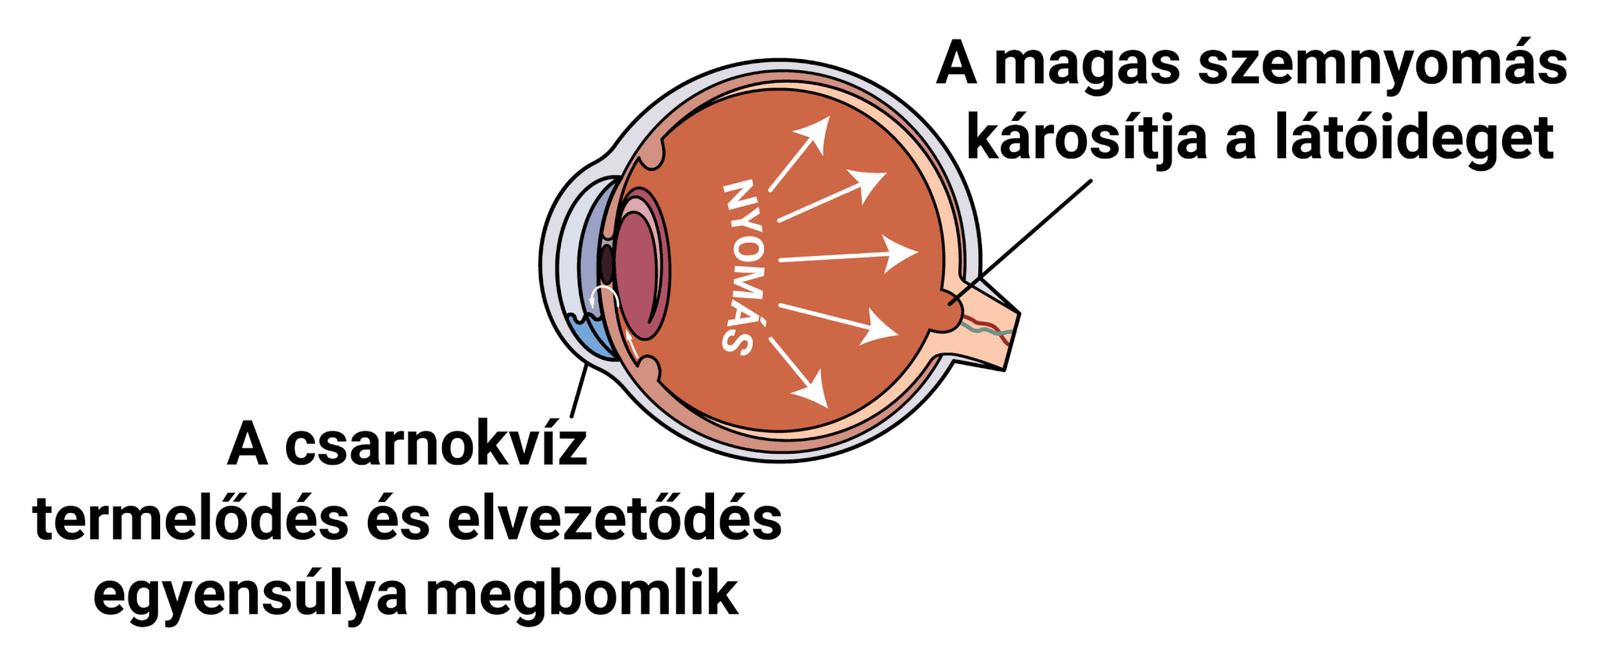 magas vérnyomás és glaukóma